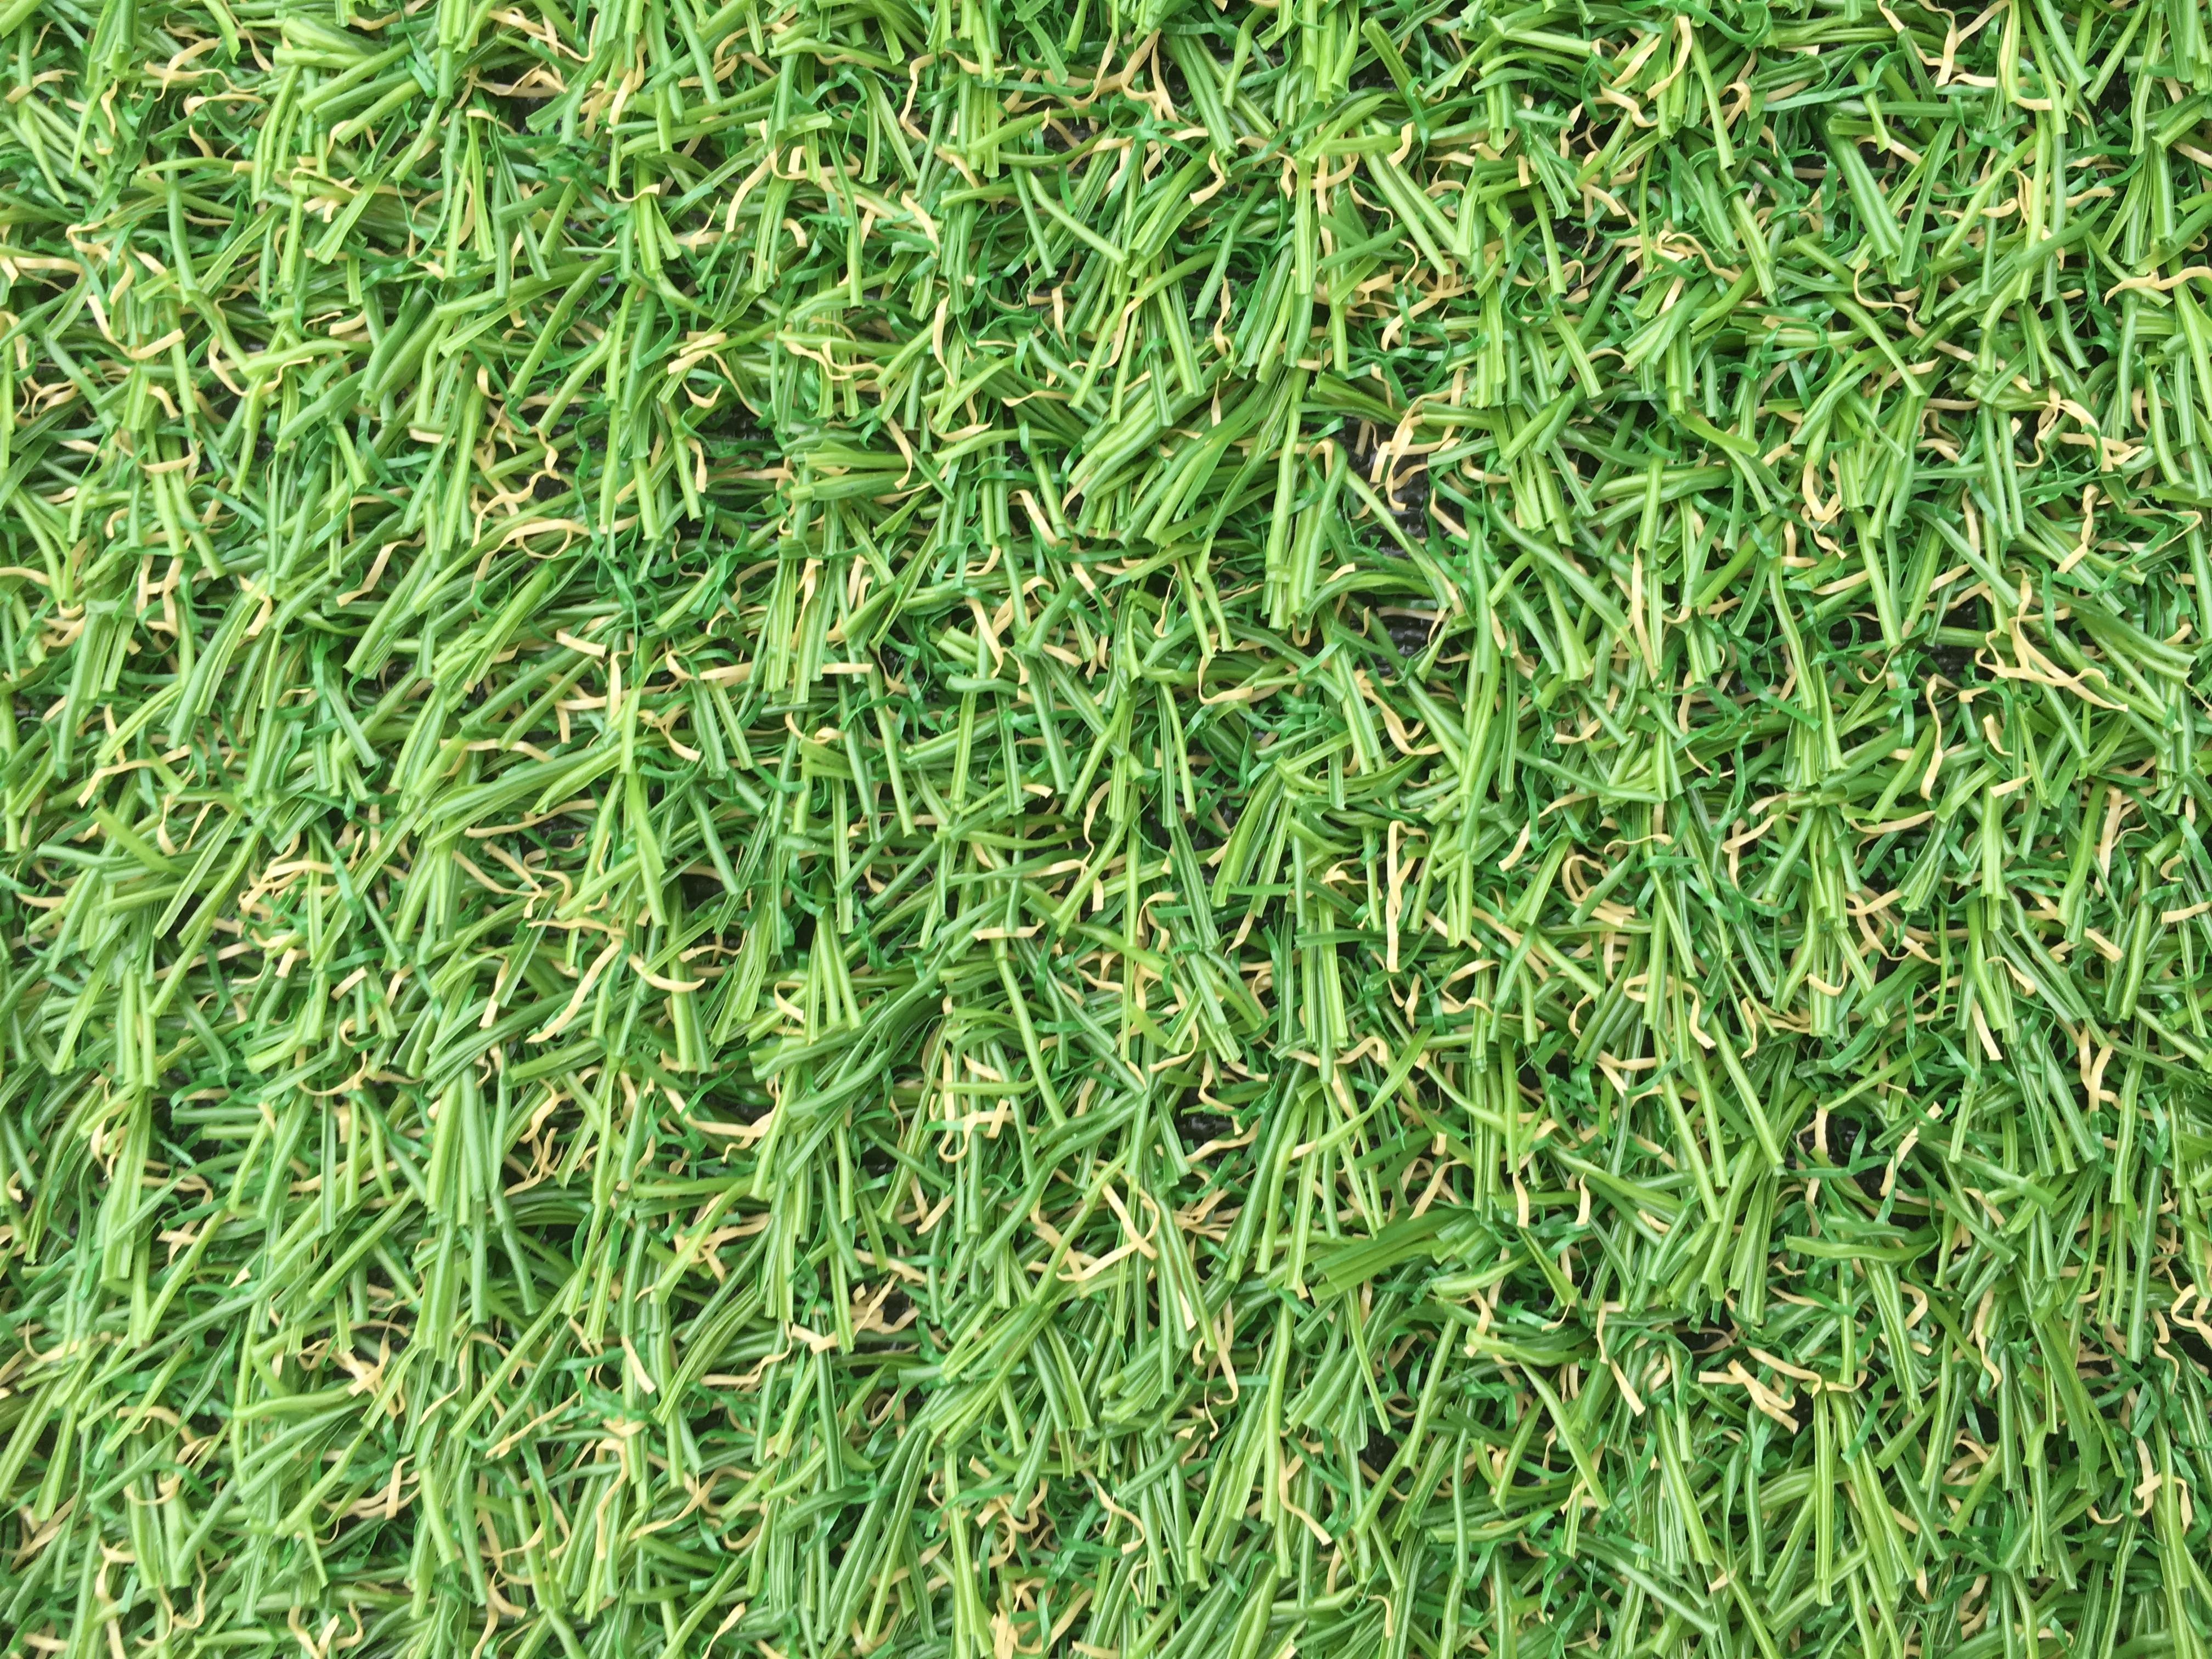 Covor Iarba Artificiala, Tip Gazon, Verde, Natura, 100% Polipropilena, 10 mm, 100x400 cm 0